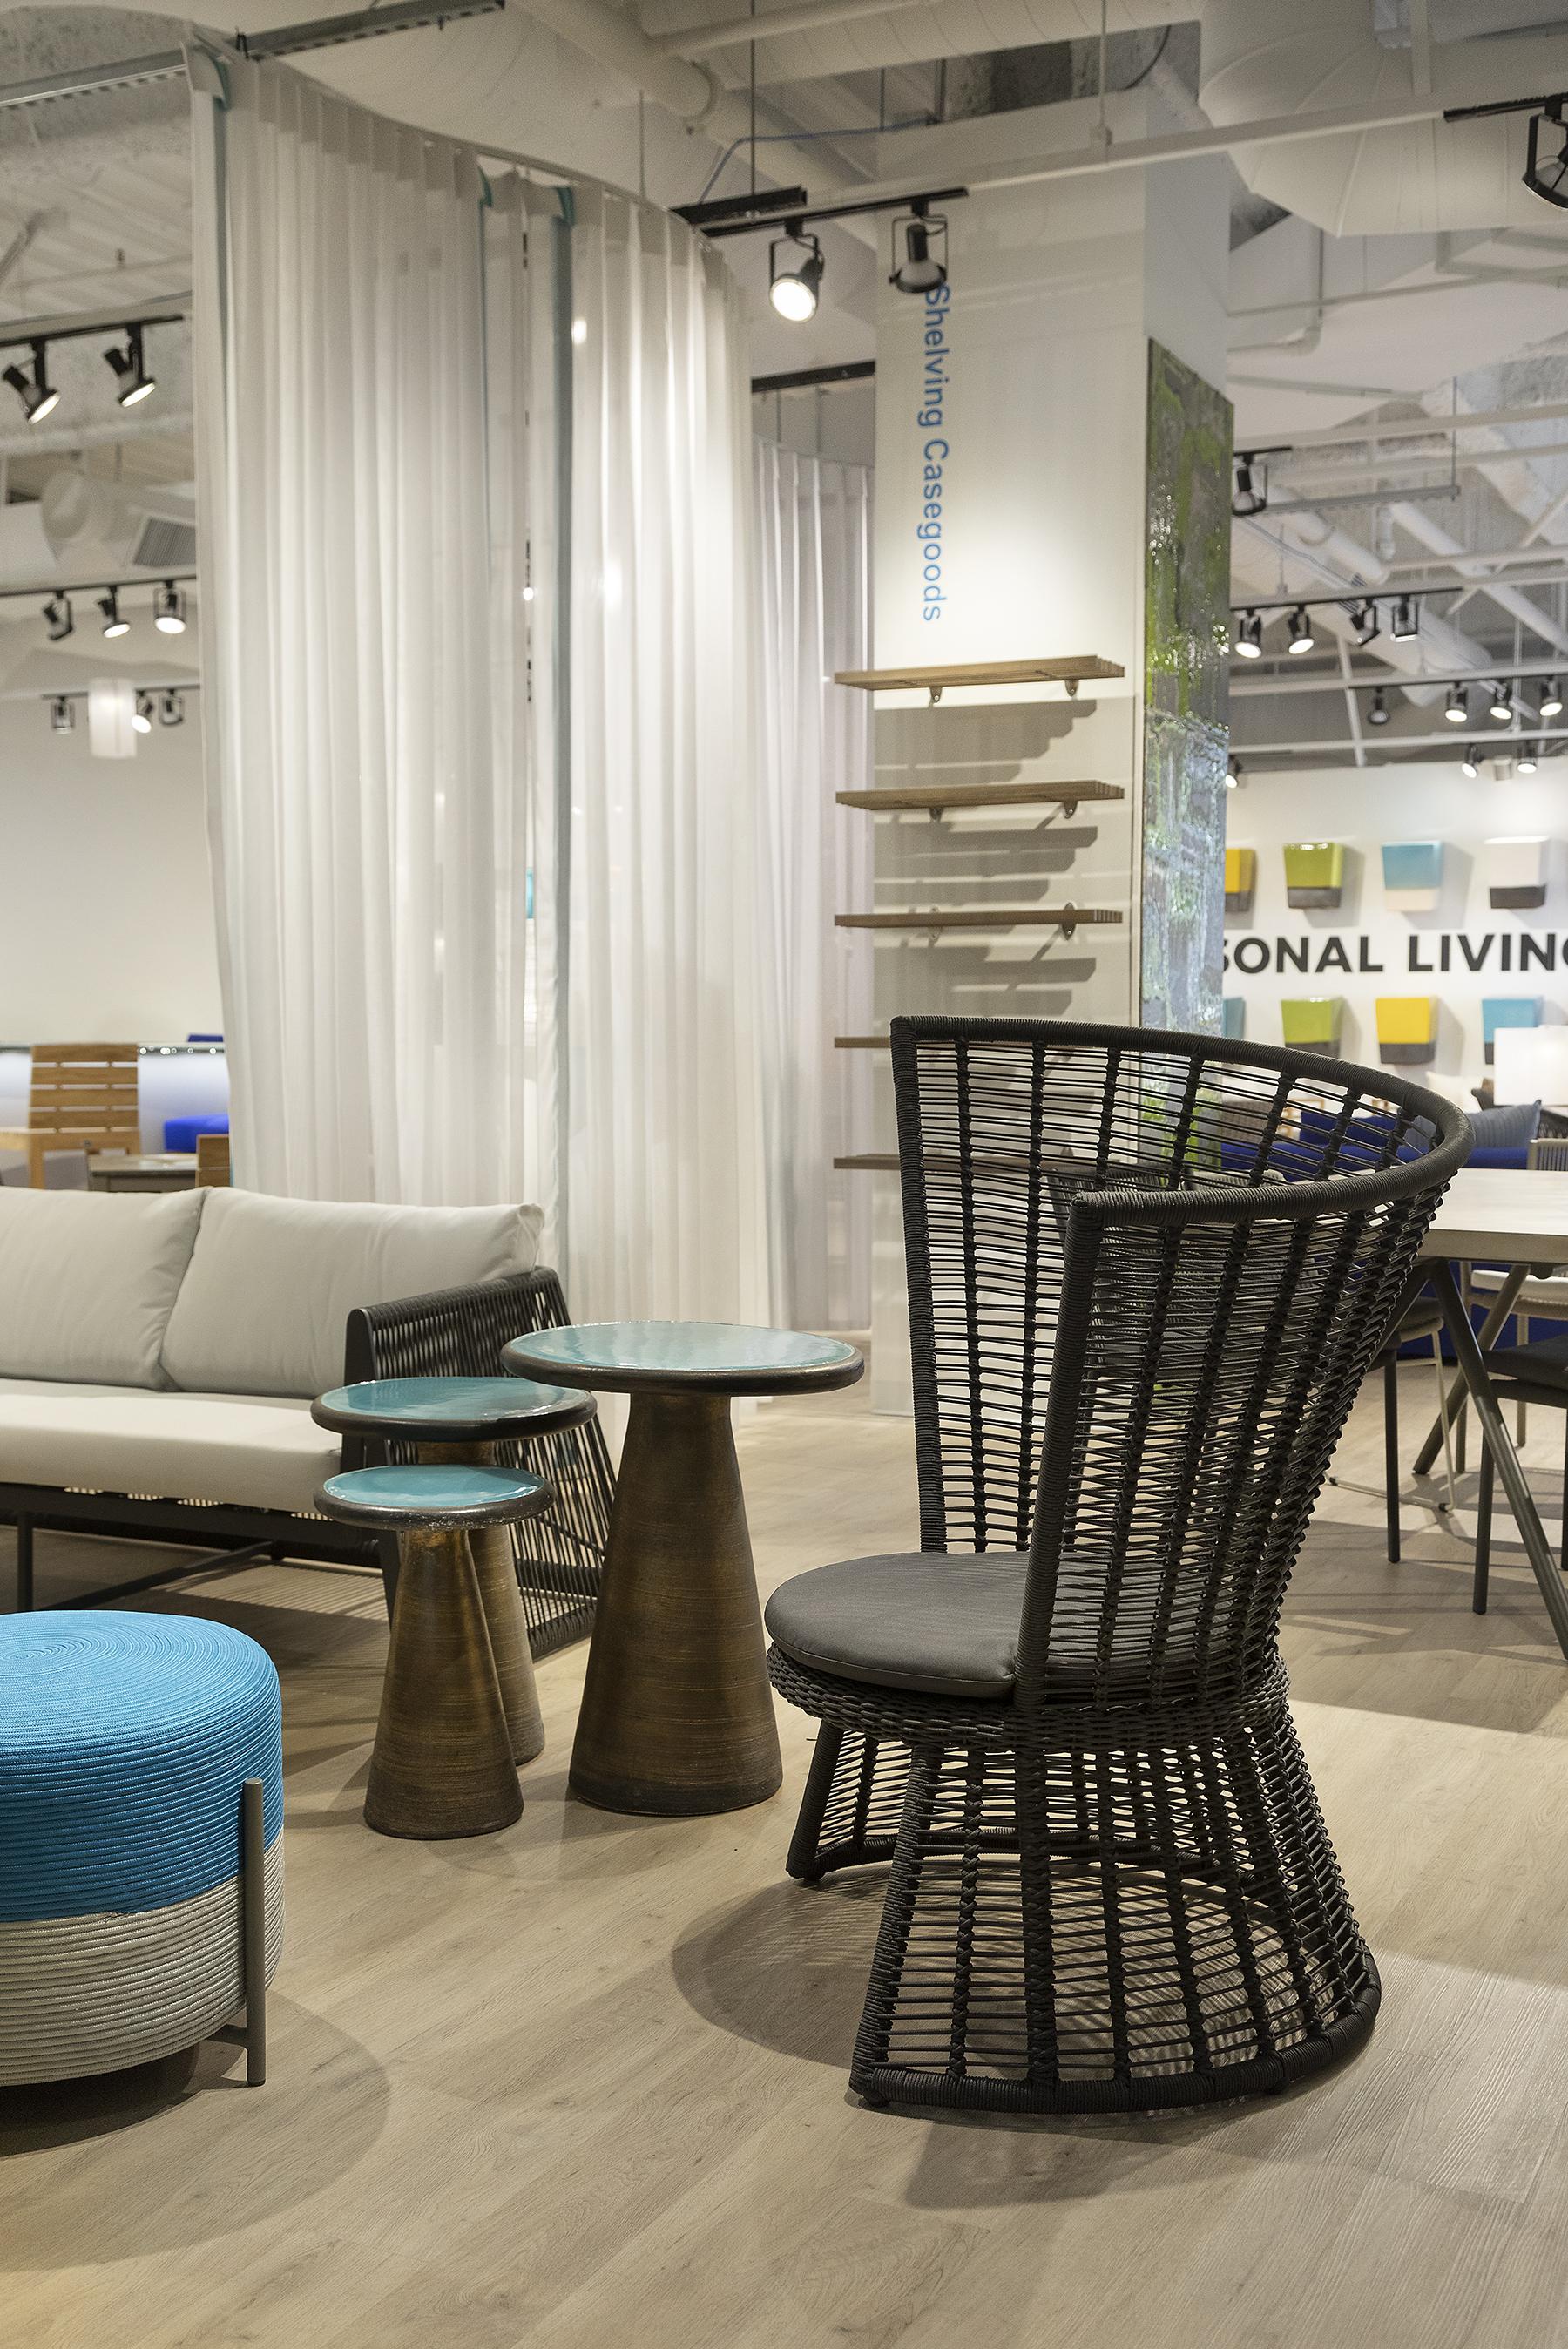 Best Indoor Outdoor Furniture - Seasonal Living's ARCHIPELAGO collection